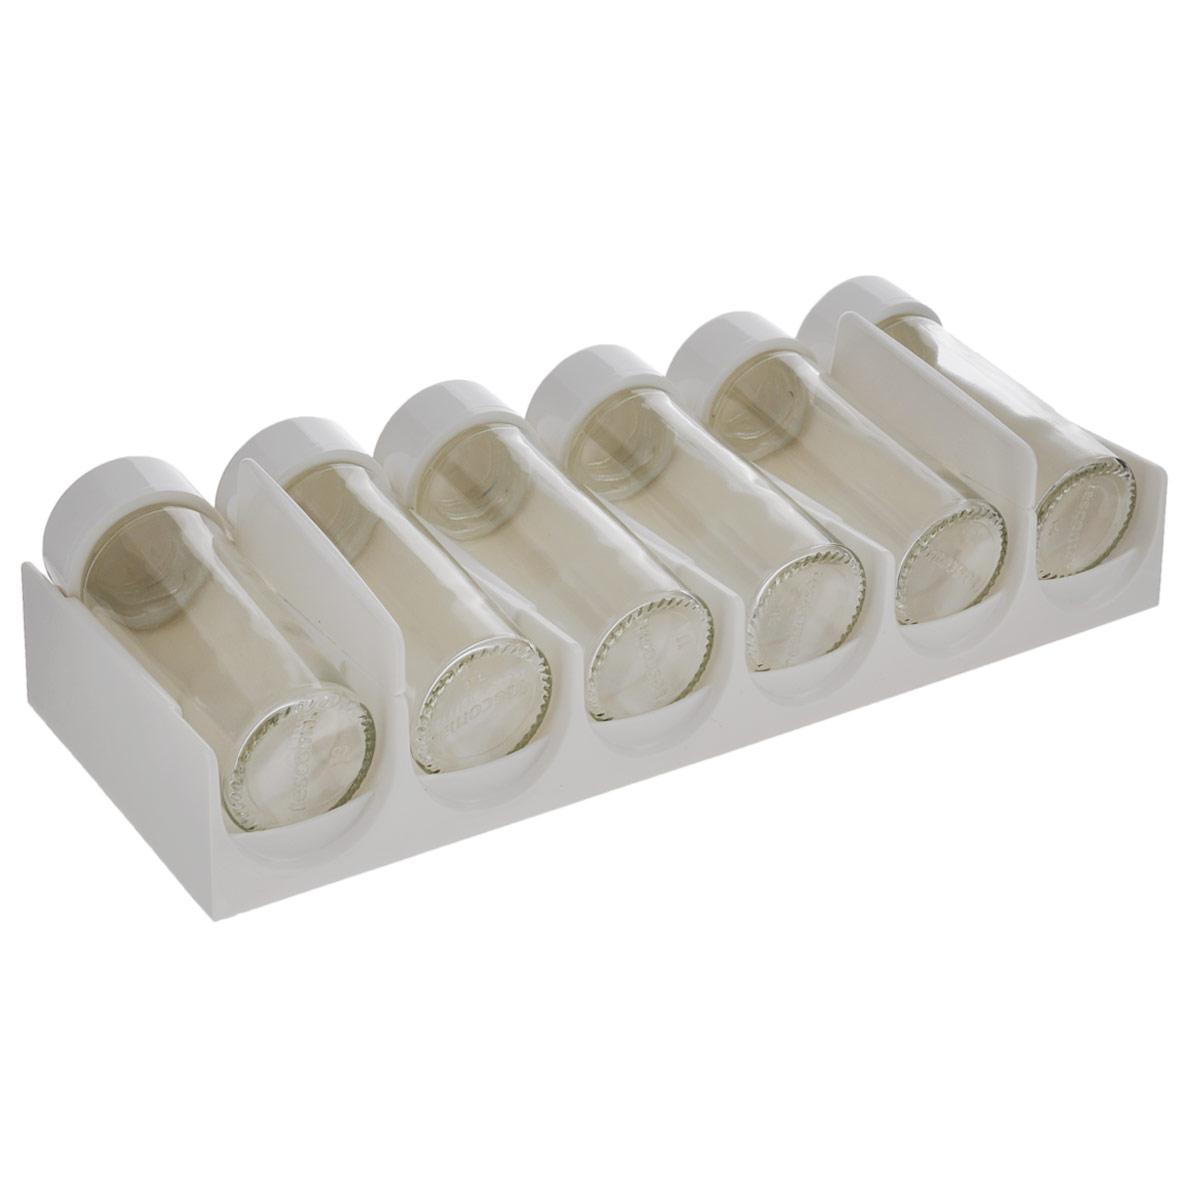 Емкости для специй Tescoma Season, для выдвижного ящика, цвет: белый, 6 шт657020Роскошный комплект емкостей Tescoma Season отлично подходит для хранения специй в ящике кухонного стола. Специи помещаются в горизонтальном положении, благодаря чему хорошо просматривается содержимое. Баночки для специй универсальны, легко вынимаются. Оснащены 6-ю крышками для молотых пряностей и 6-ю запасными колпачками для целых специй. Выполнены емкости из превосходного прочного стекла и высококачественного пластика. Все детали можно мыть в посудомоечной машине, подставку чистить влажной тканью. Диаметр емкостей: 4 см. Высота емкостей: 11 см. Размер подставки: 29 см х 12 см х 7 см.